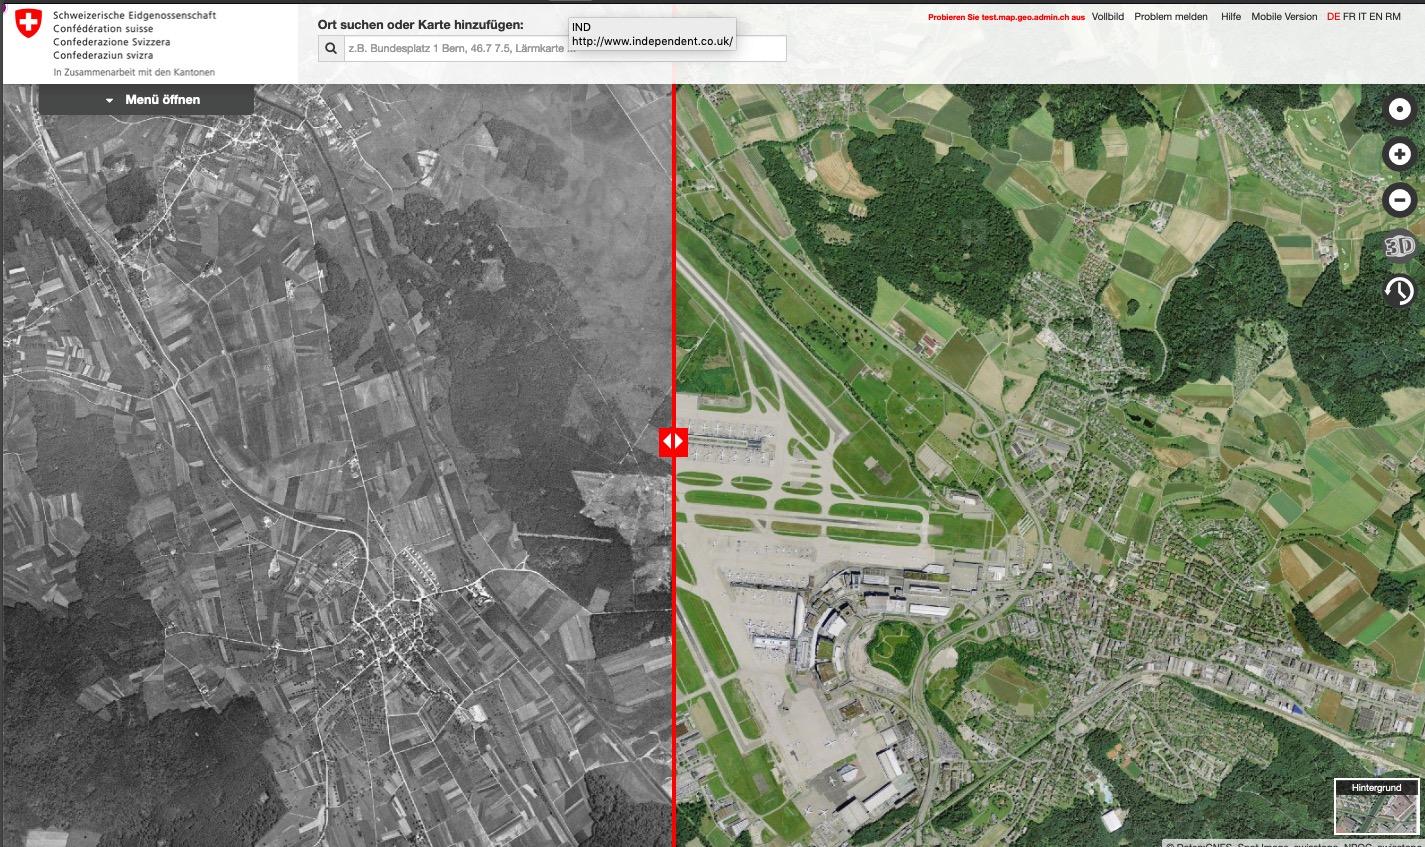 Luftaufnahmen 1946 und heute